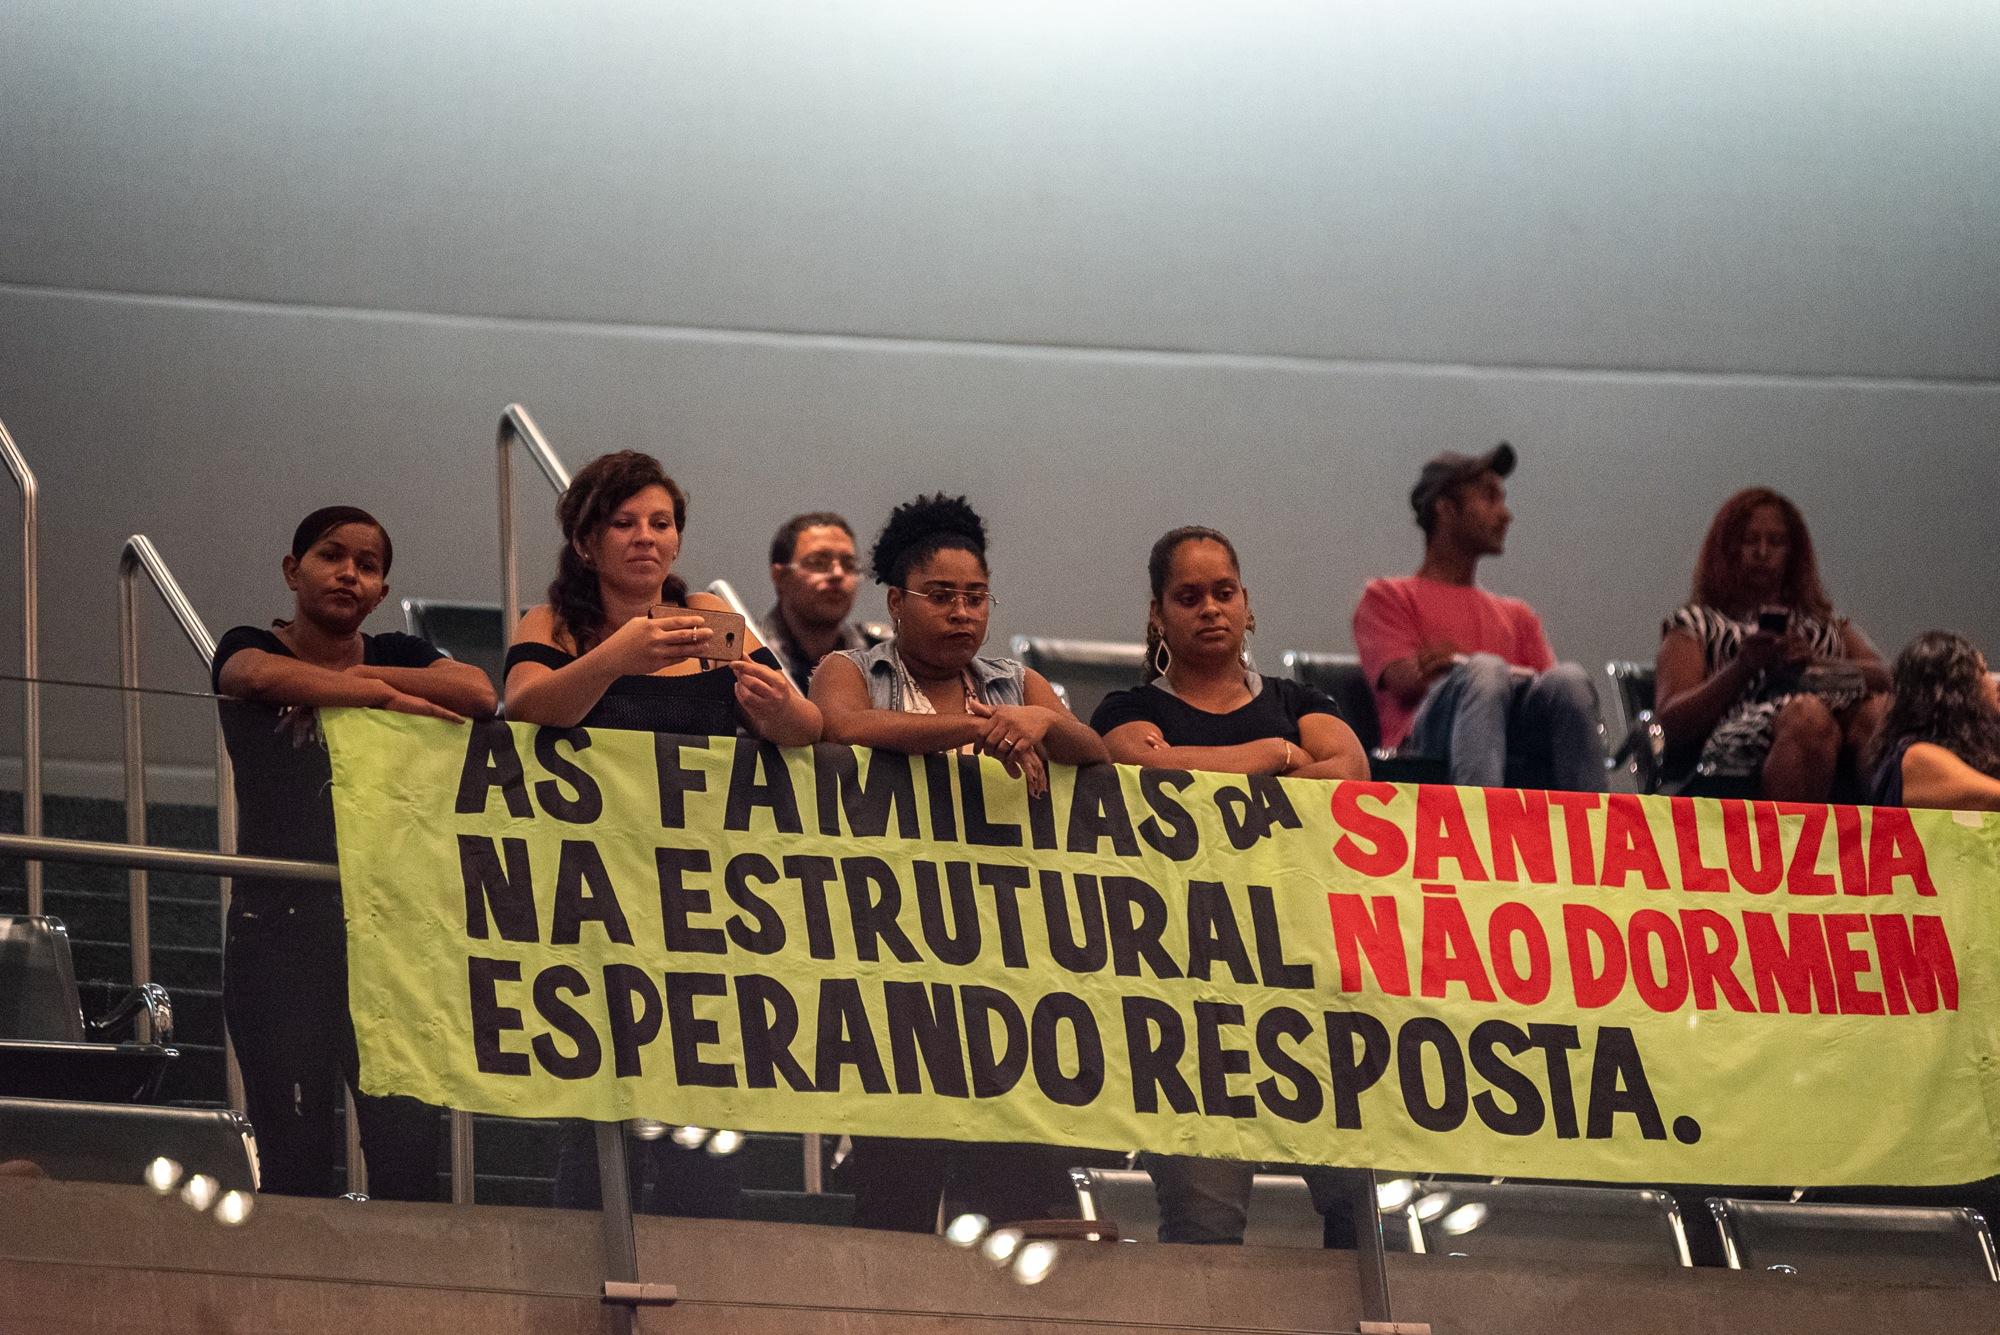 Situação das famílias de Santa Luzia é debatida em audiência pública